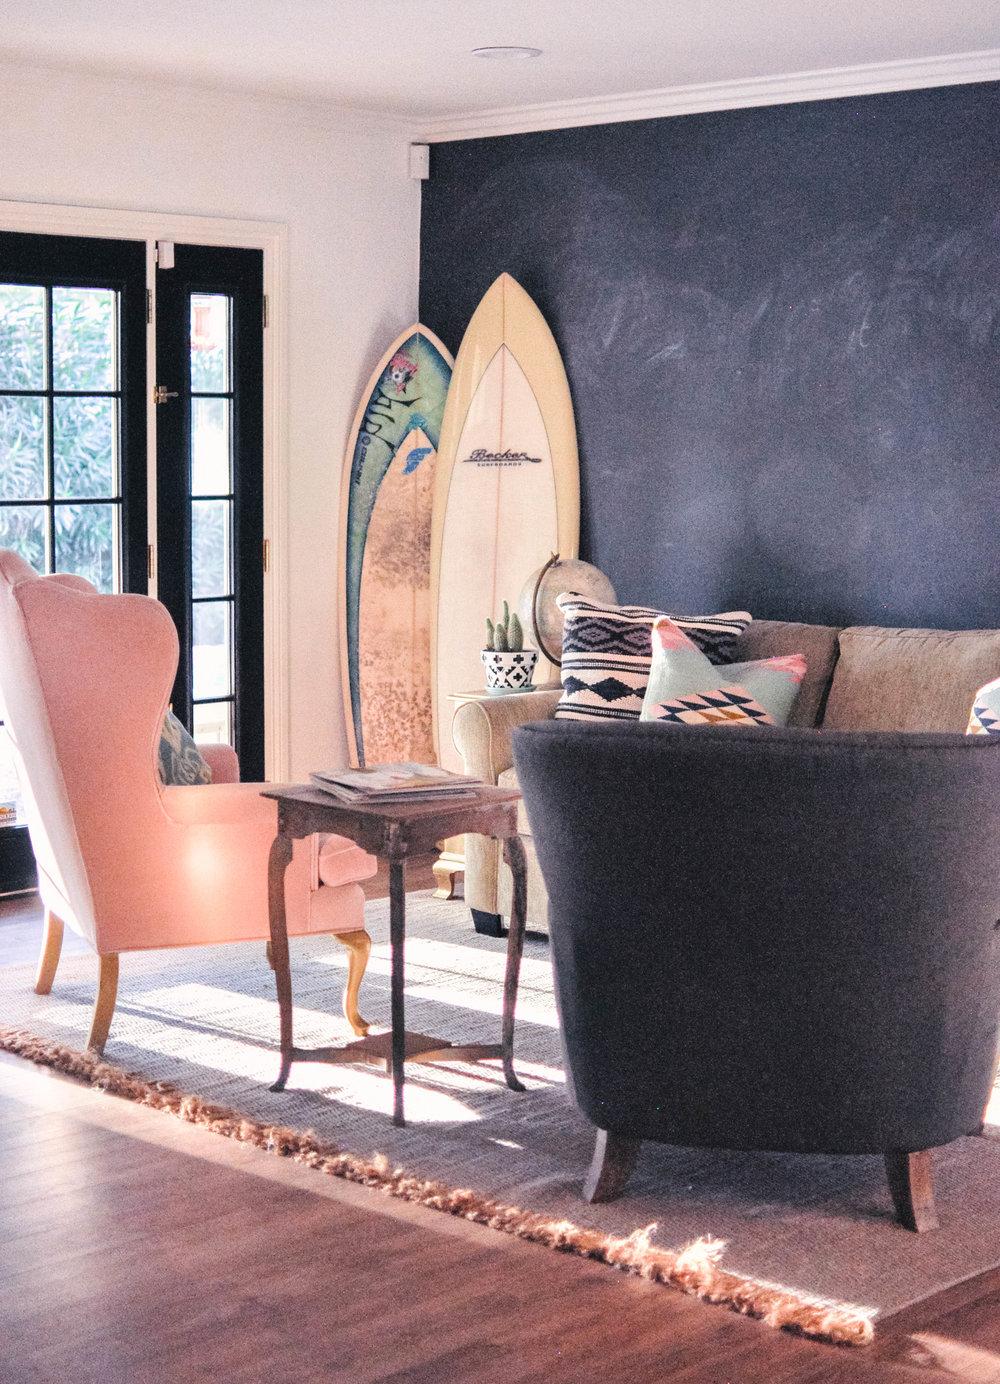 Living Room Decor Makeover On a Budget